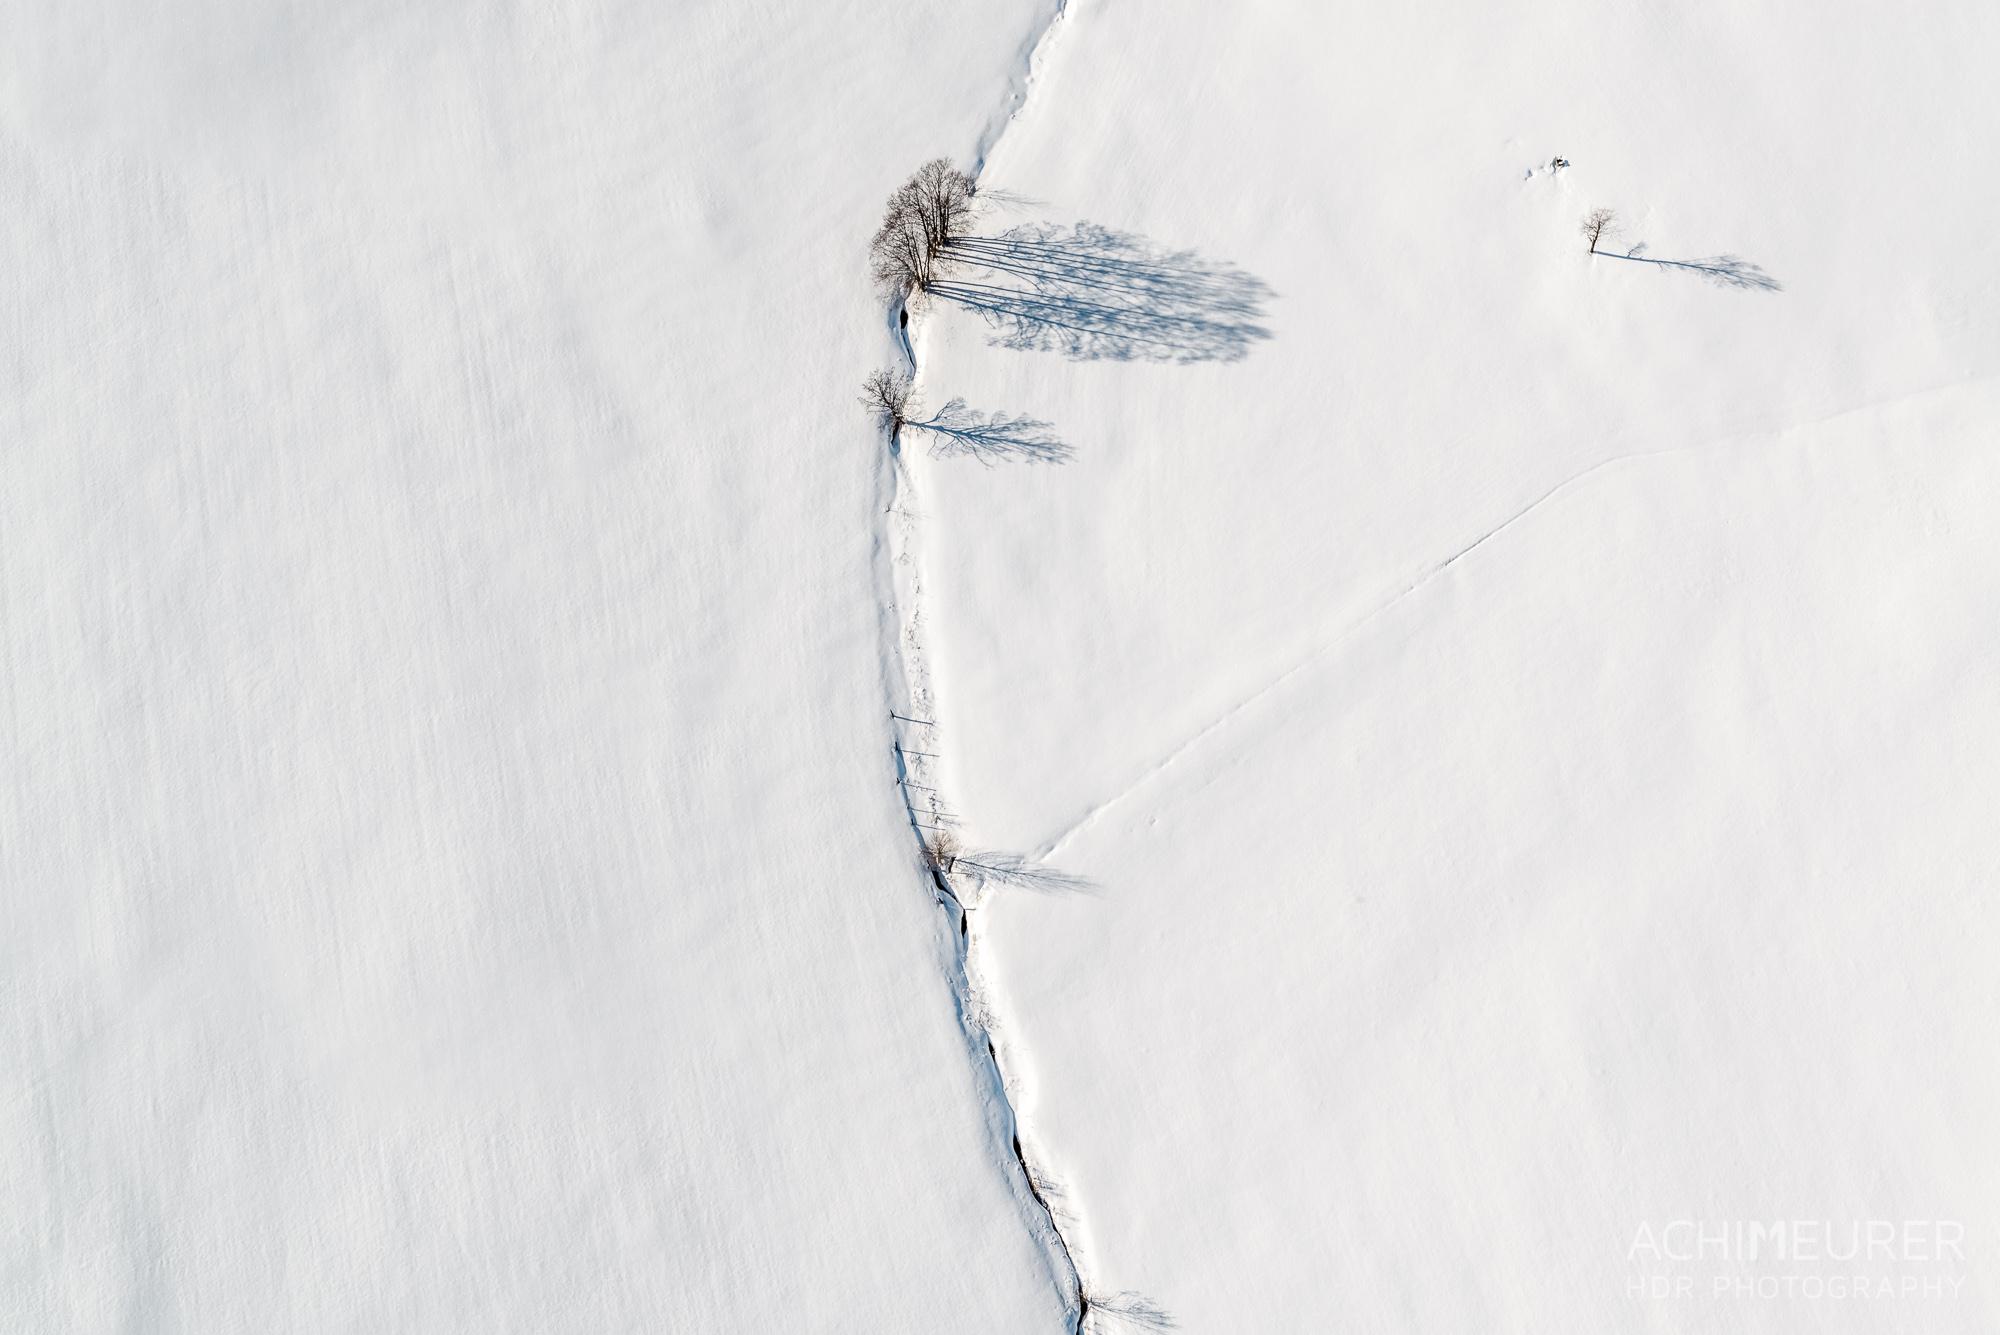 Die-schoensten-Winterfotos-Winterlandschaft-9 by Achim Meurer.